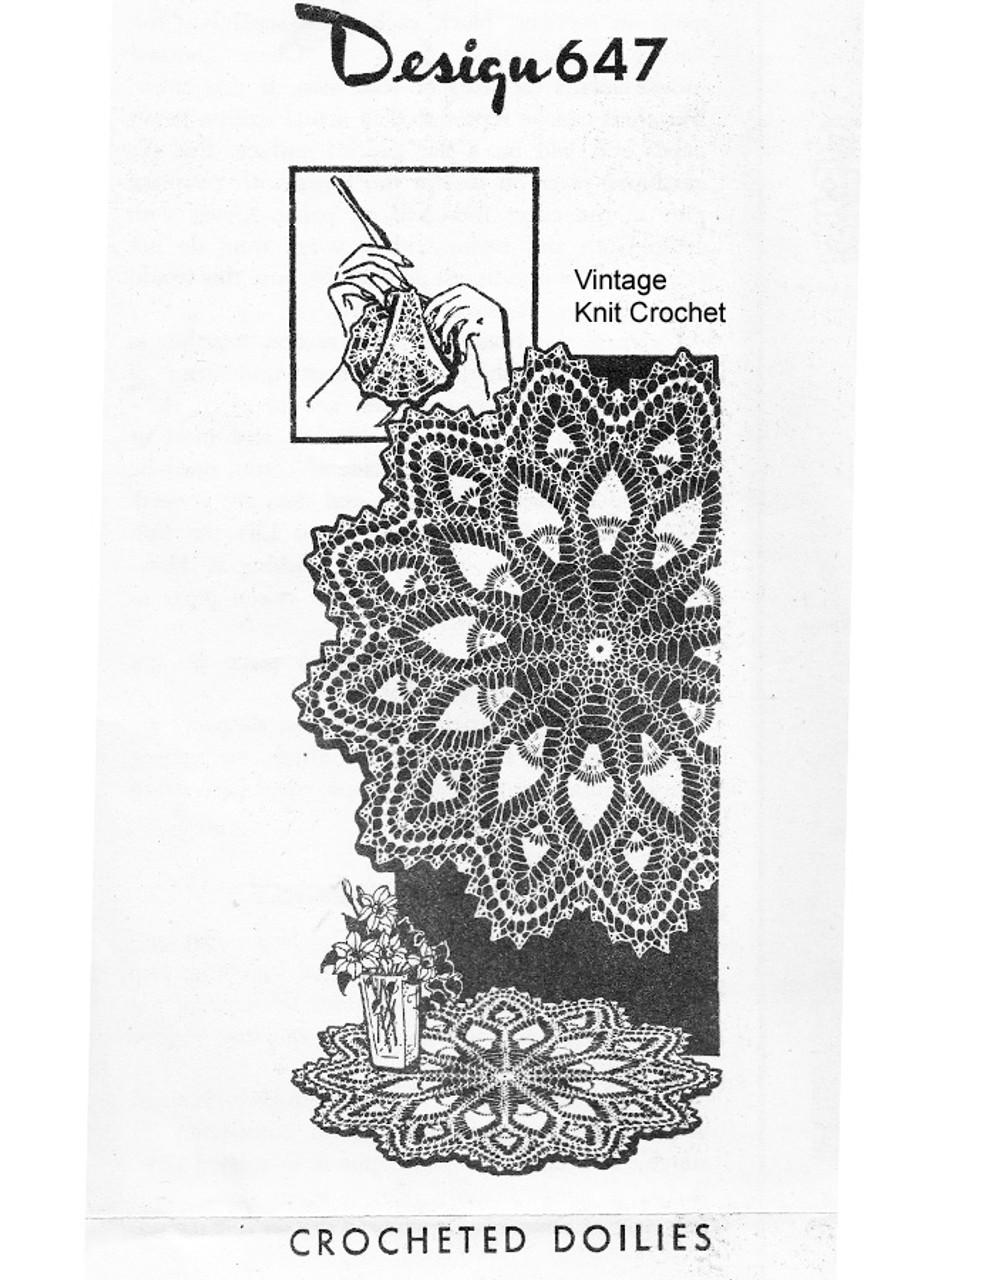 Crochet Wheel Doily Pattern, Pineapples, Mail Order Design 647